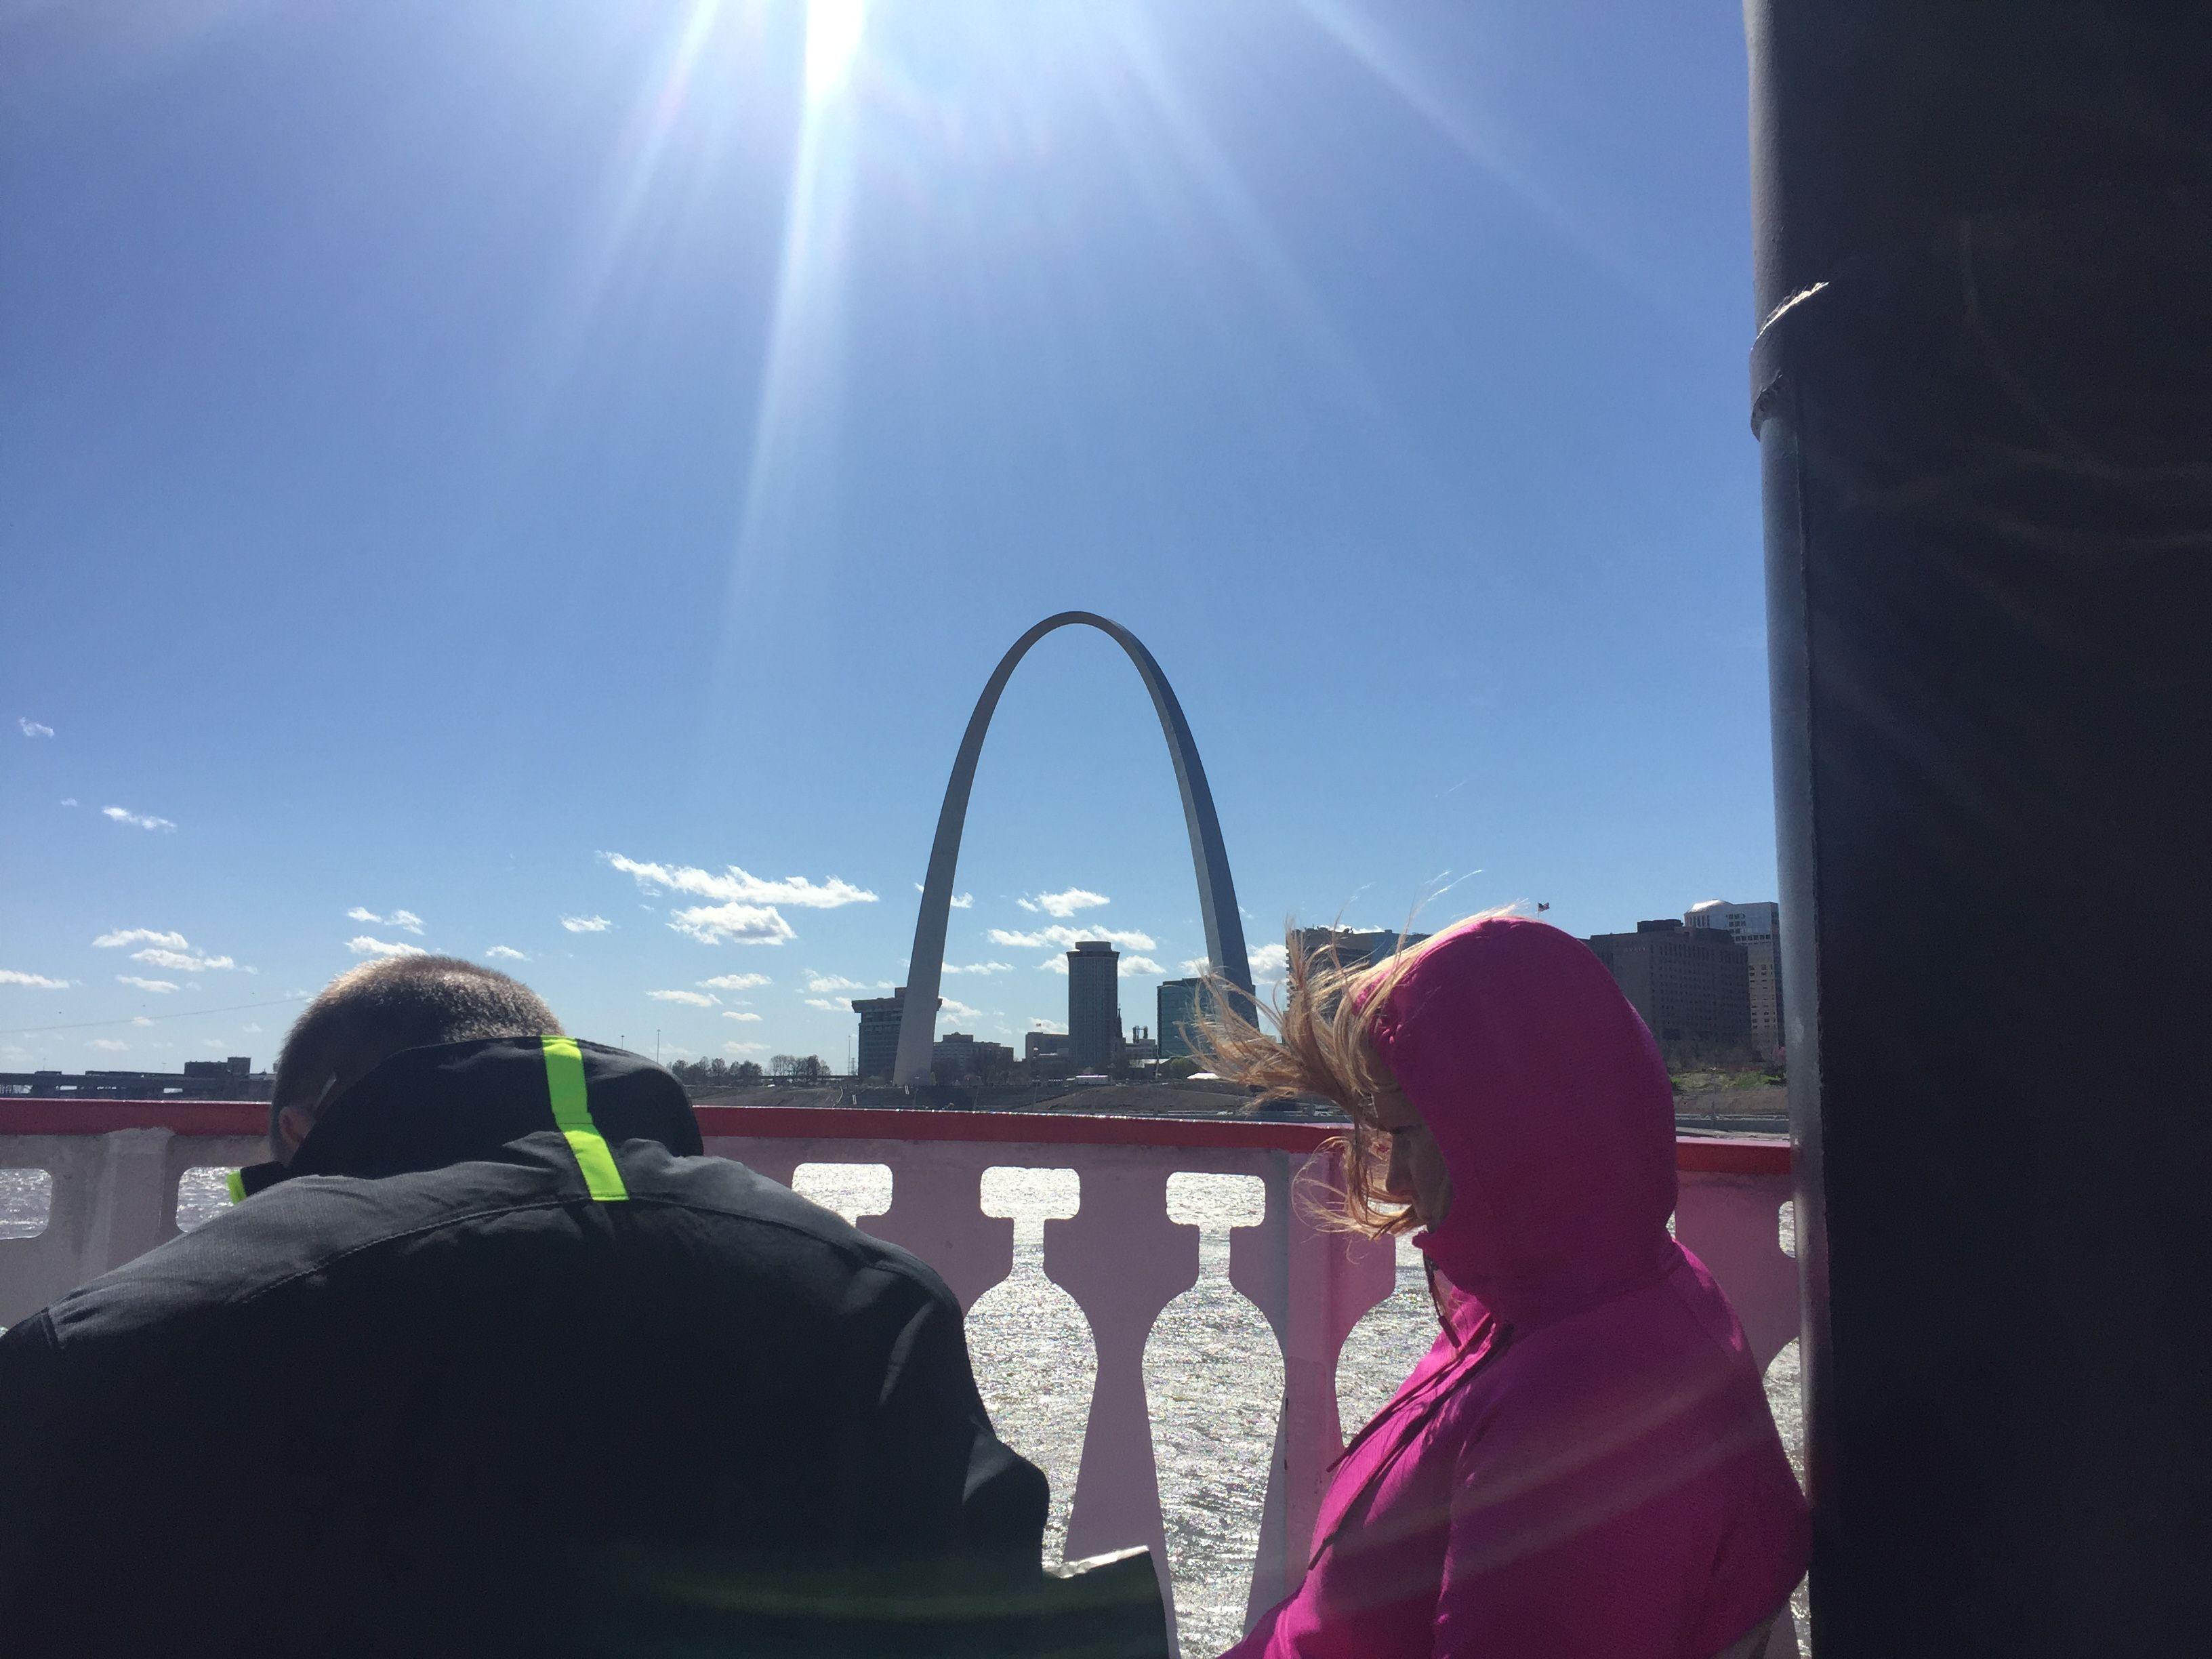 St Louis Arch  Places To Visit  Pinterest  Saint louis arch